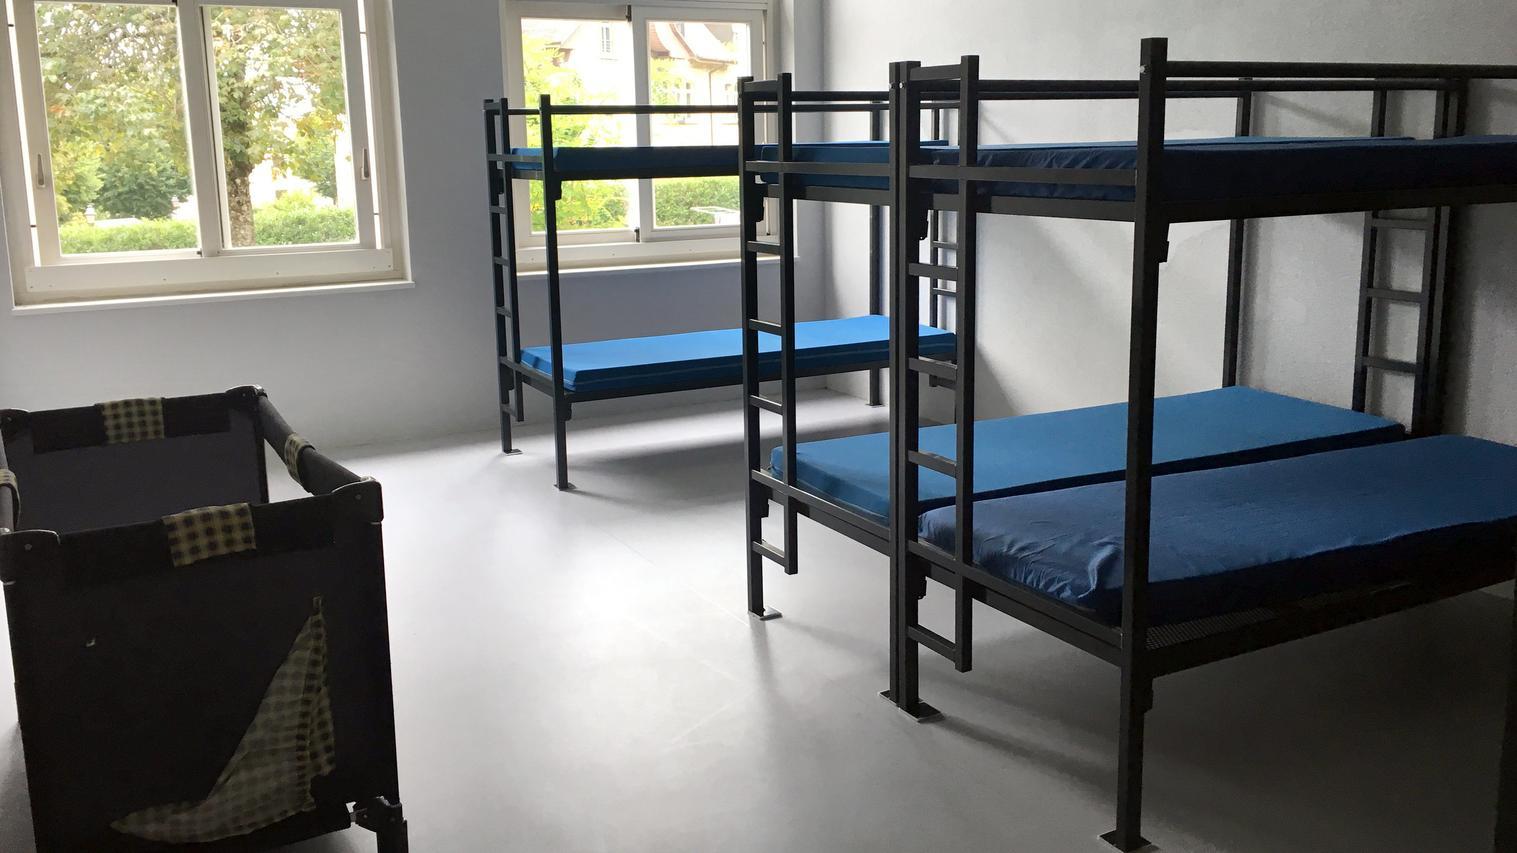 Stockbetten und ein Reisebett für Kleinkinder stehen in einem leeren Raum im Aslyzentrum Boudry in einem Workshop Nähen.